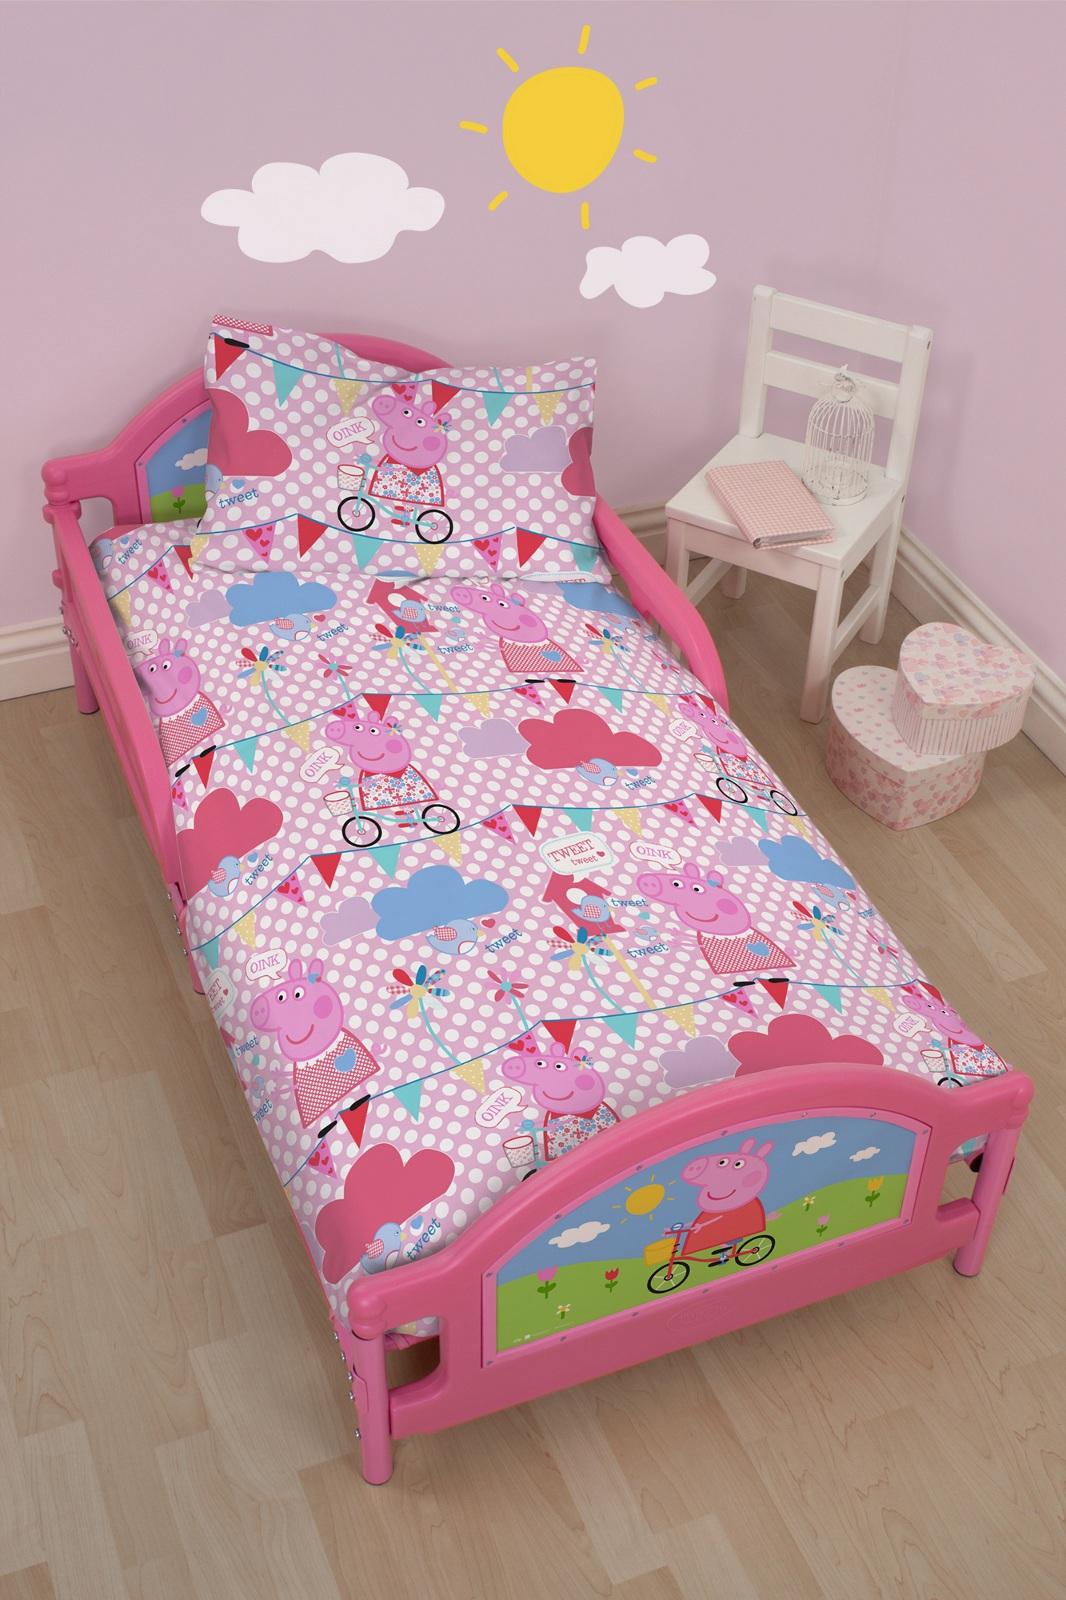 4 In 1 Children S Bedding Cot Bed Bundle Duvet Quilt